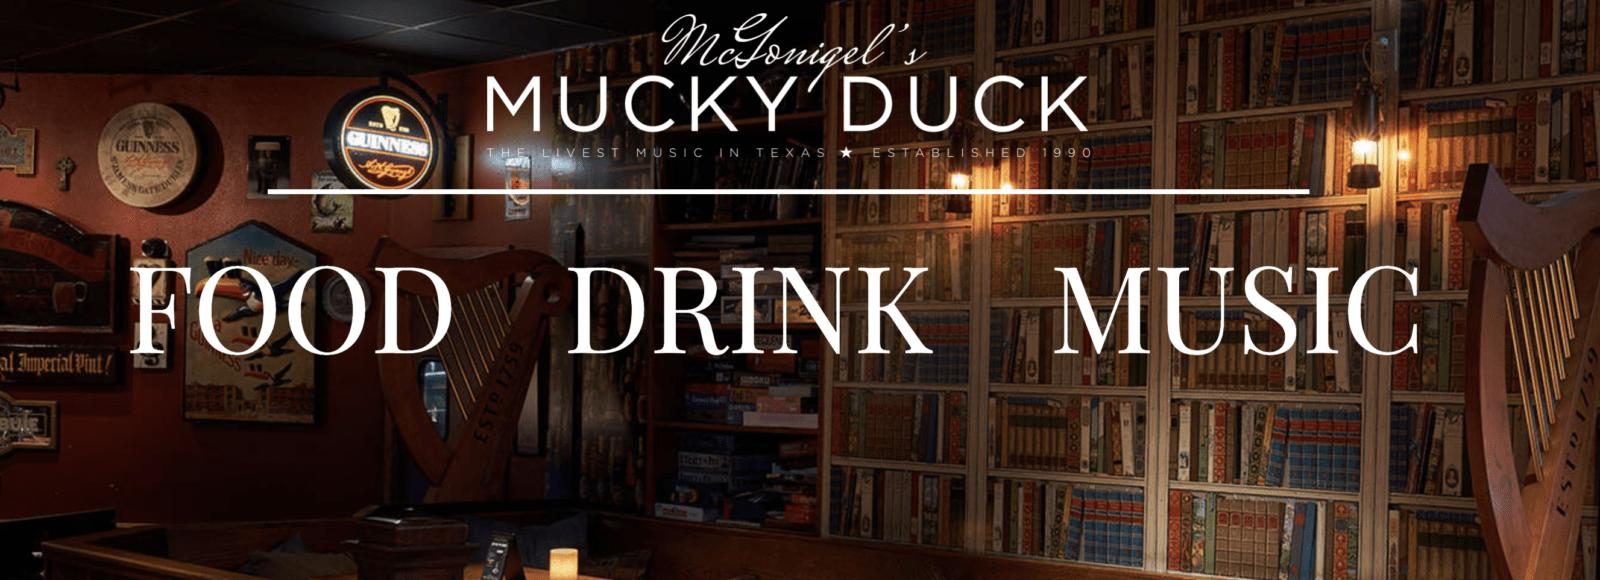 Mucky Duck Houston